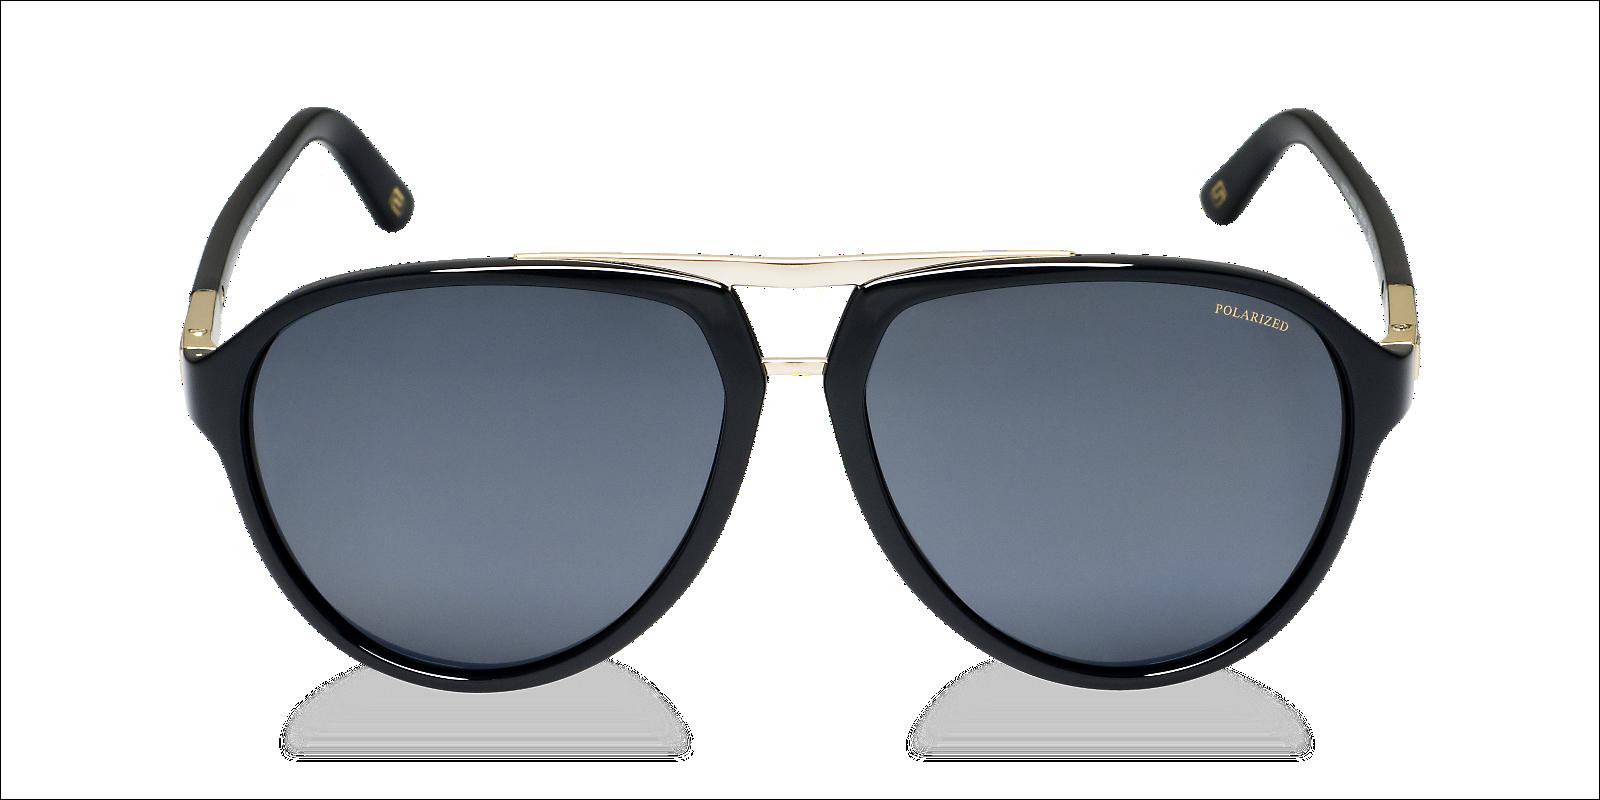 Sunglasses PNG - 4402